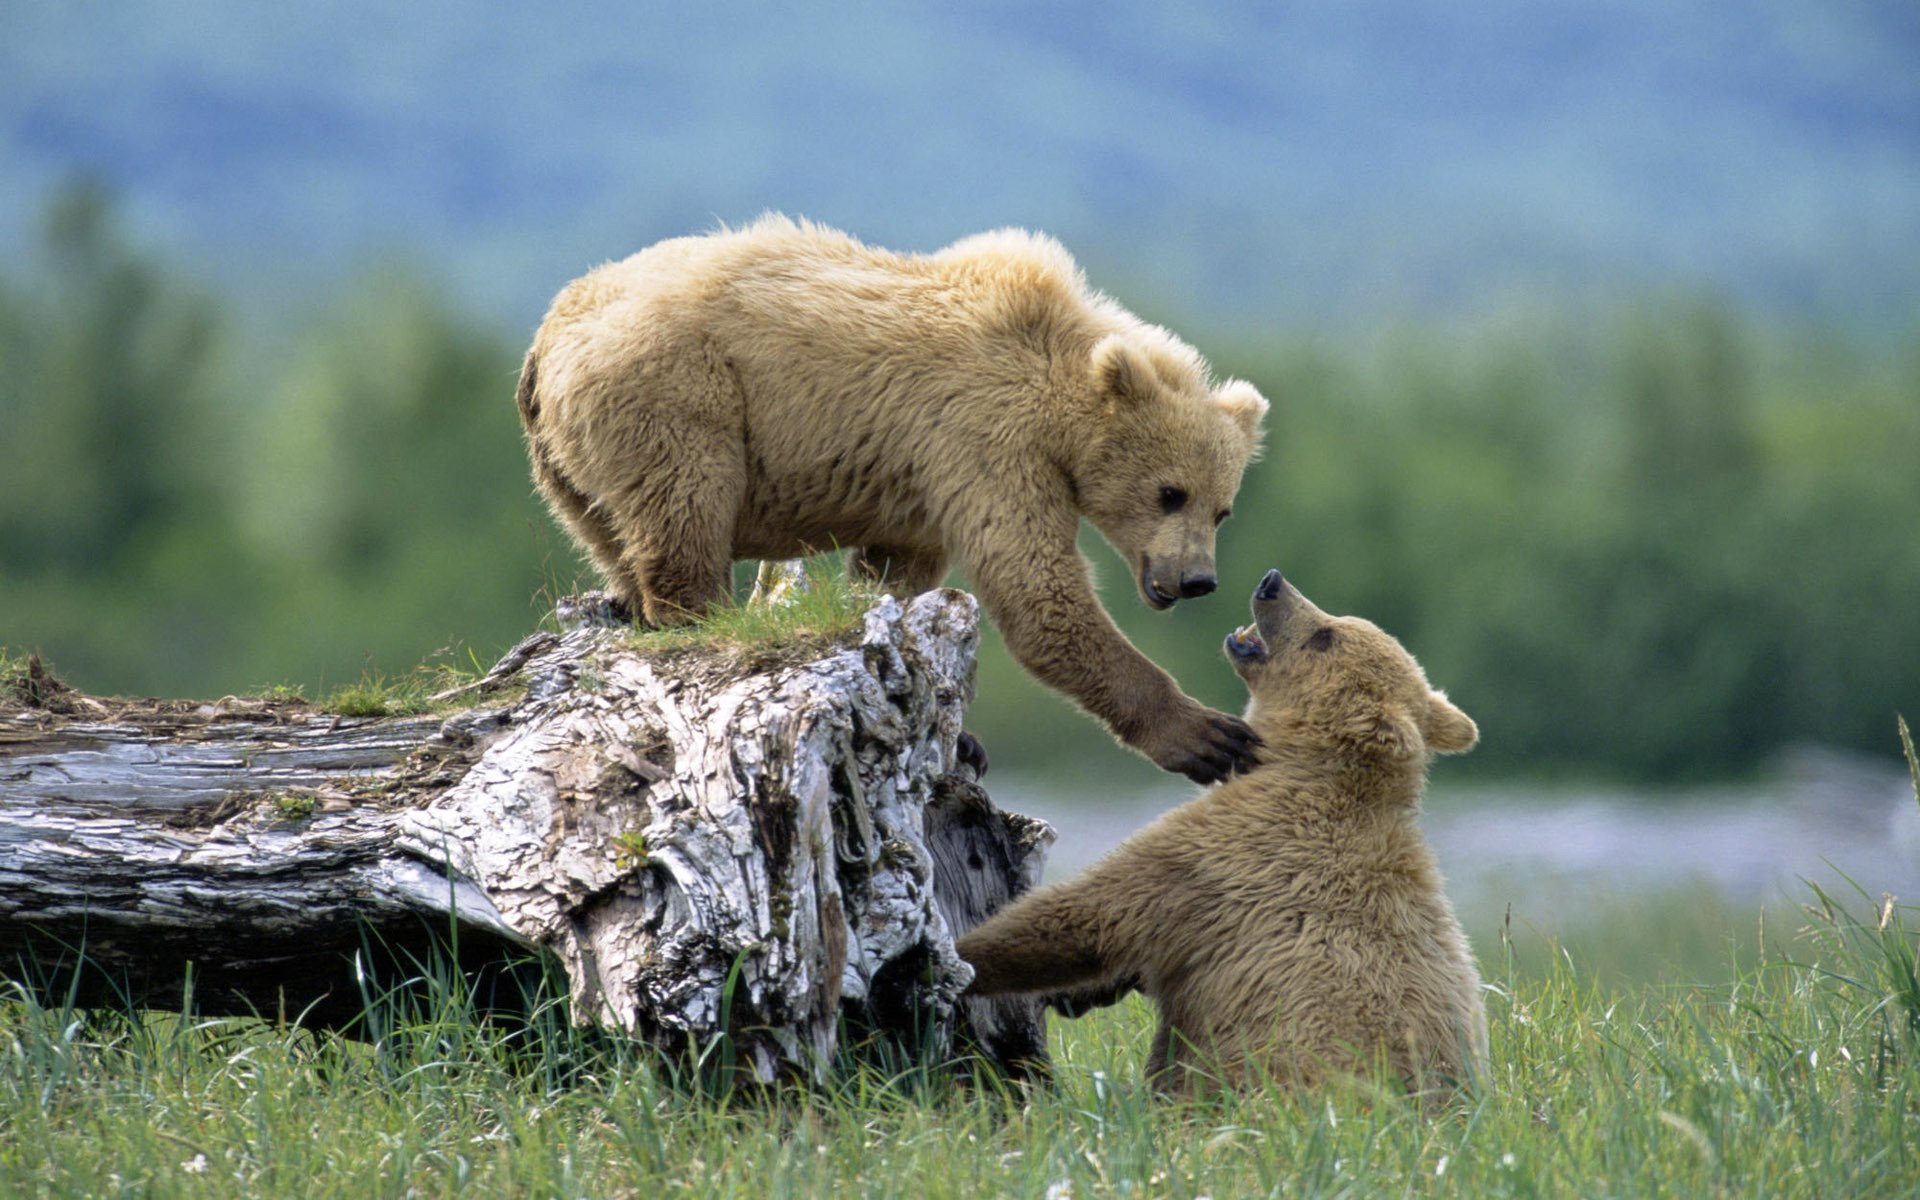 Красивые фото с животными на природе, открытки